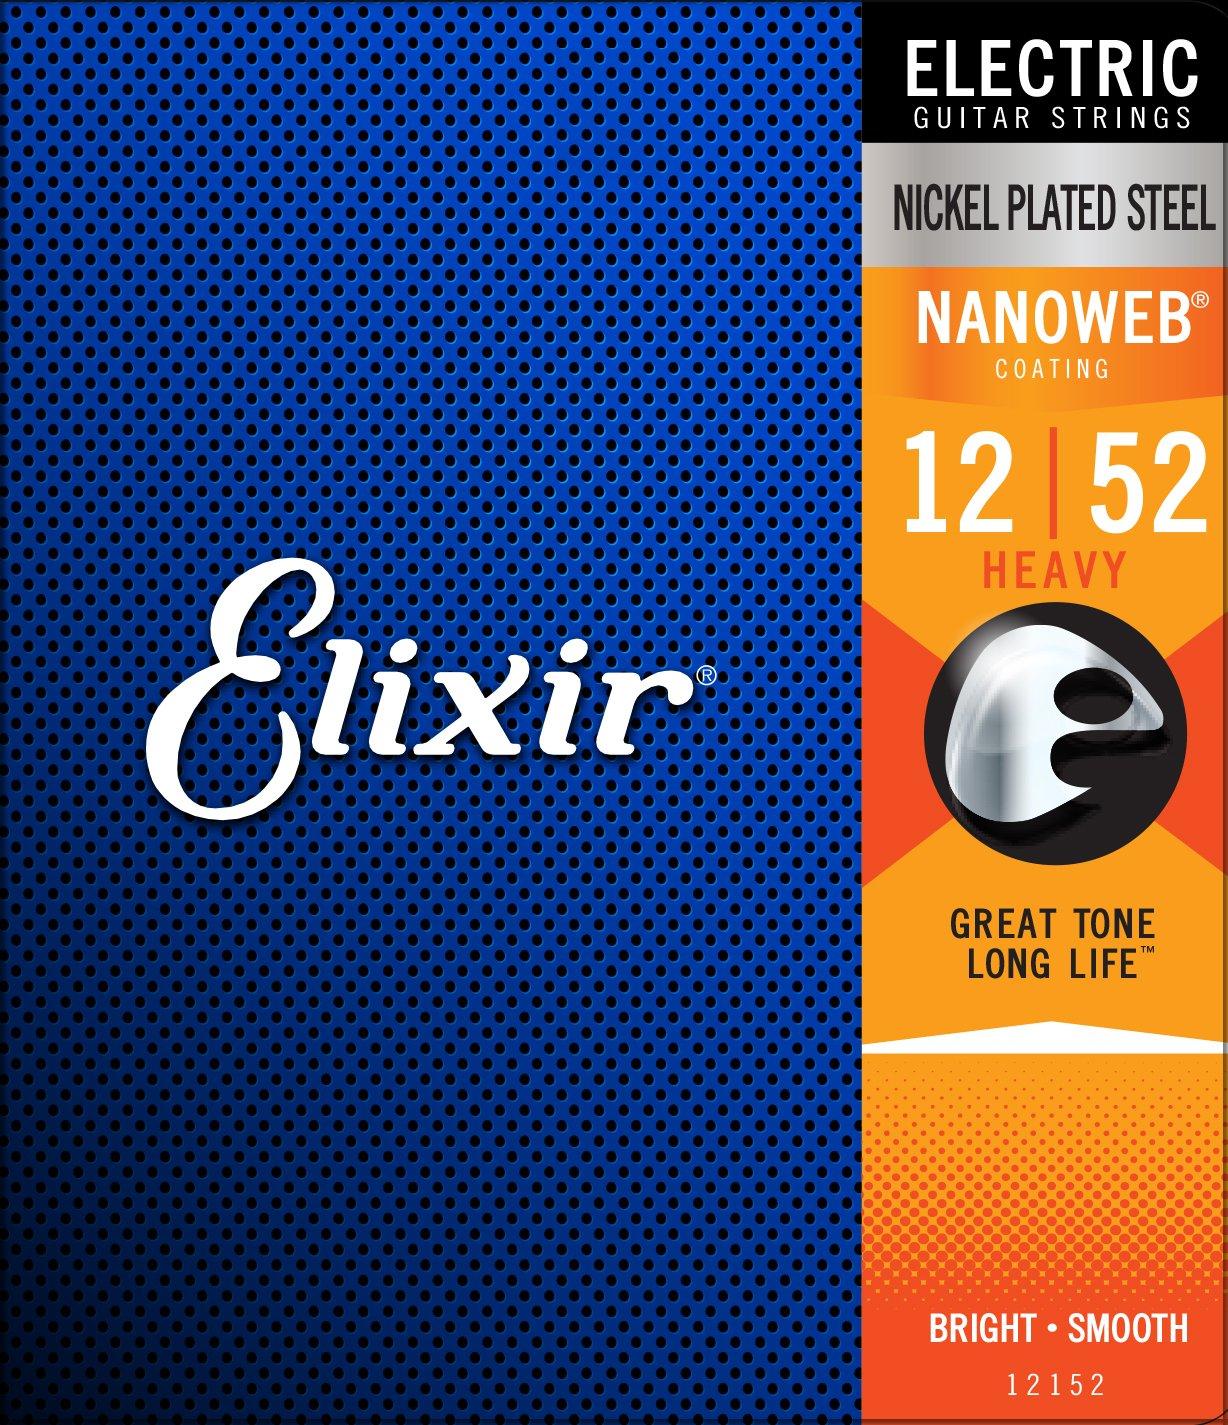 Elixir 12152 - Juego de cuerdas para guitarra eléctrica, .012 - 0.52 product image